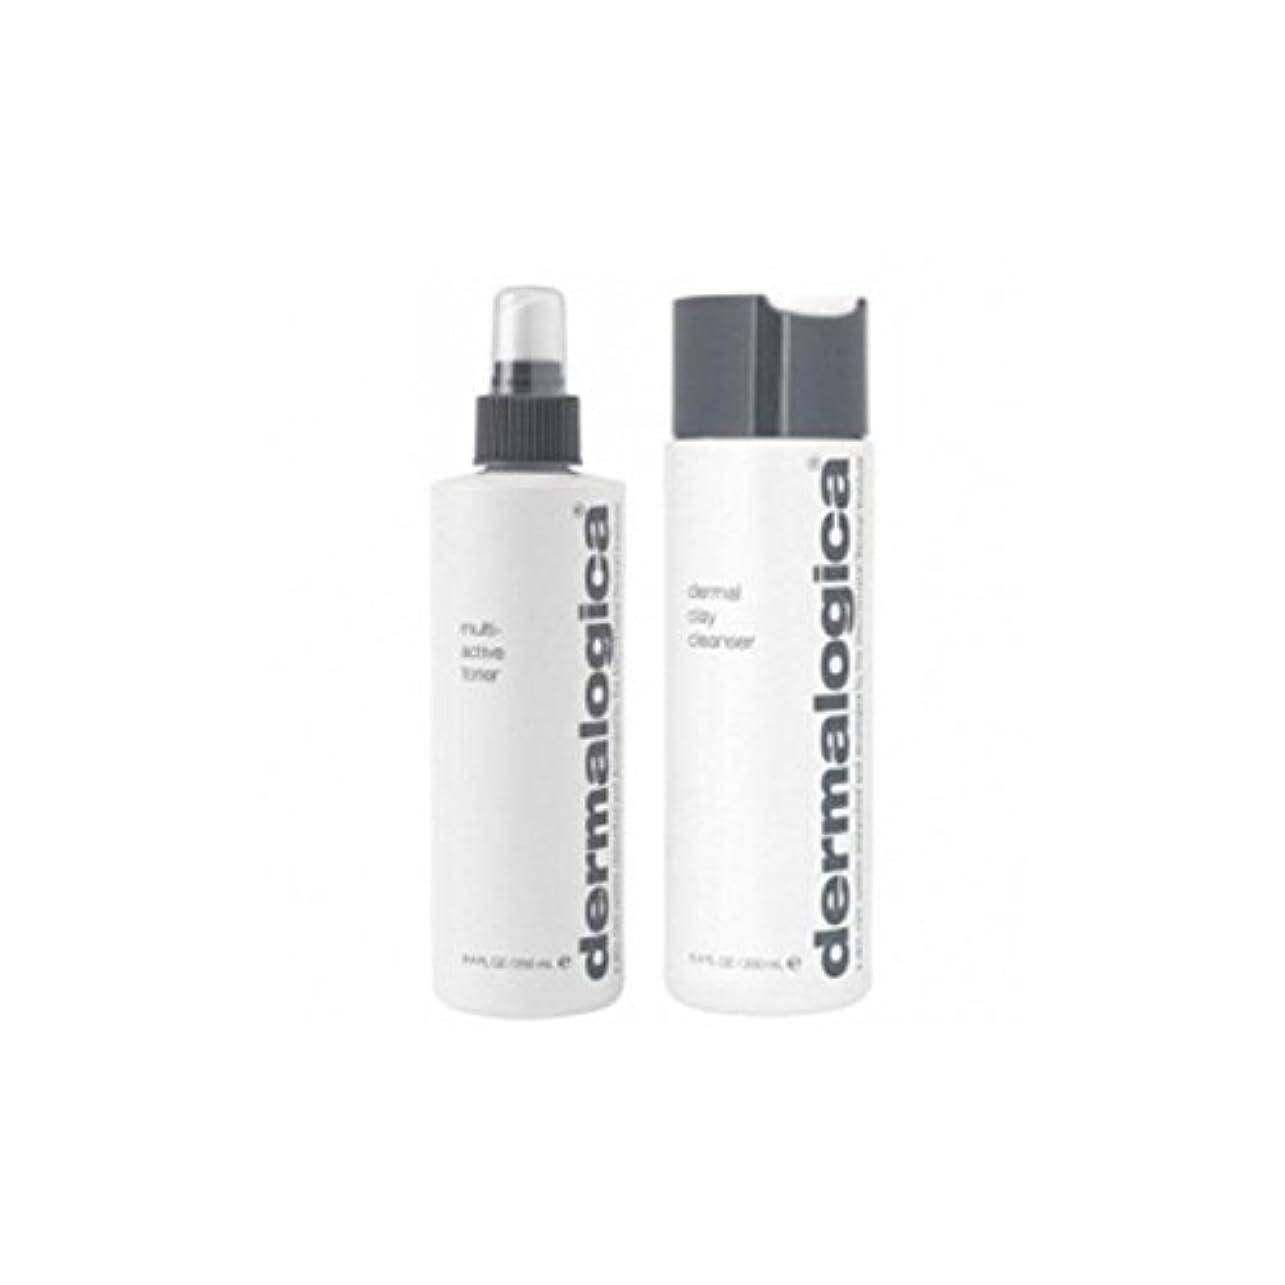 珍しいバックアップ戸惑うダーマロジカクレンジング&トーンデュオ - 脂性肌(2製品) x2 - Dermalogica Cleanse & Tone Duo - Oily Skin (2 Products) (Pack of 2) [並行輸入品]